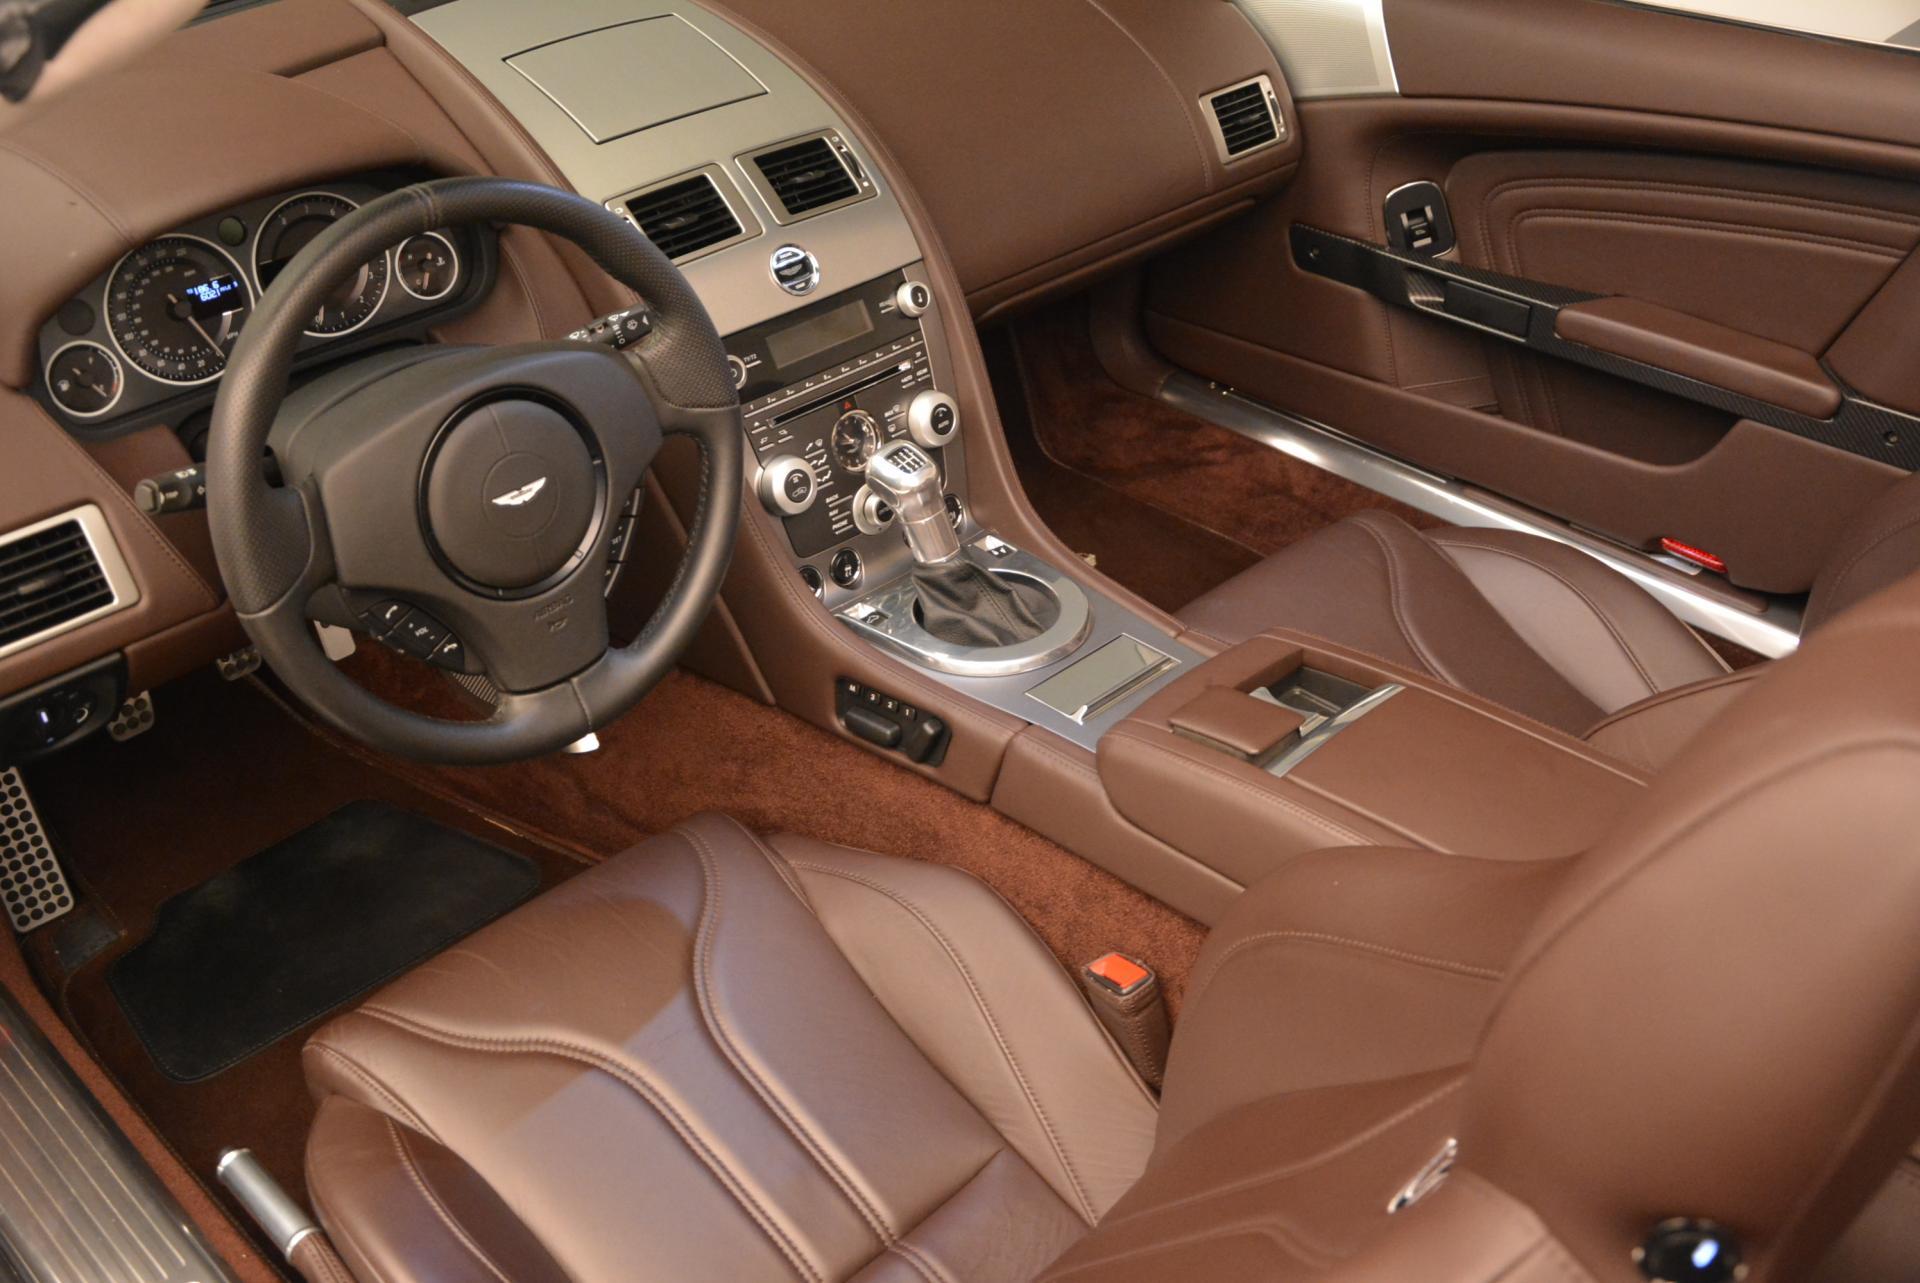 Used 2010 Aston Martin DBS Volante For Sale In Greenwich, CT. Alfa Romeo of Greenwich, 7035 87_p27